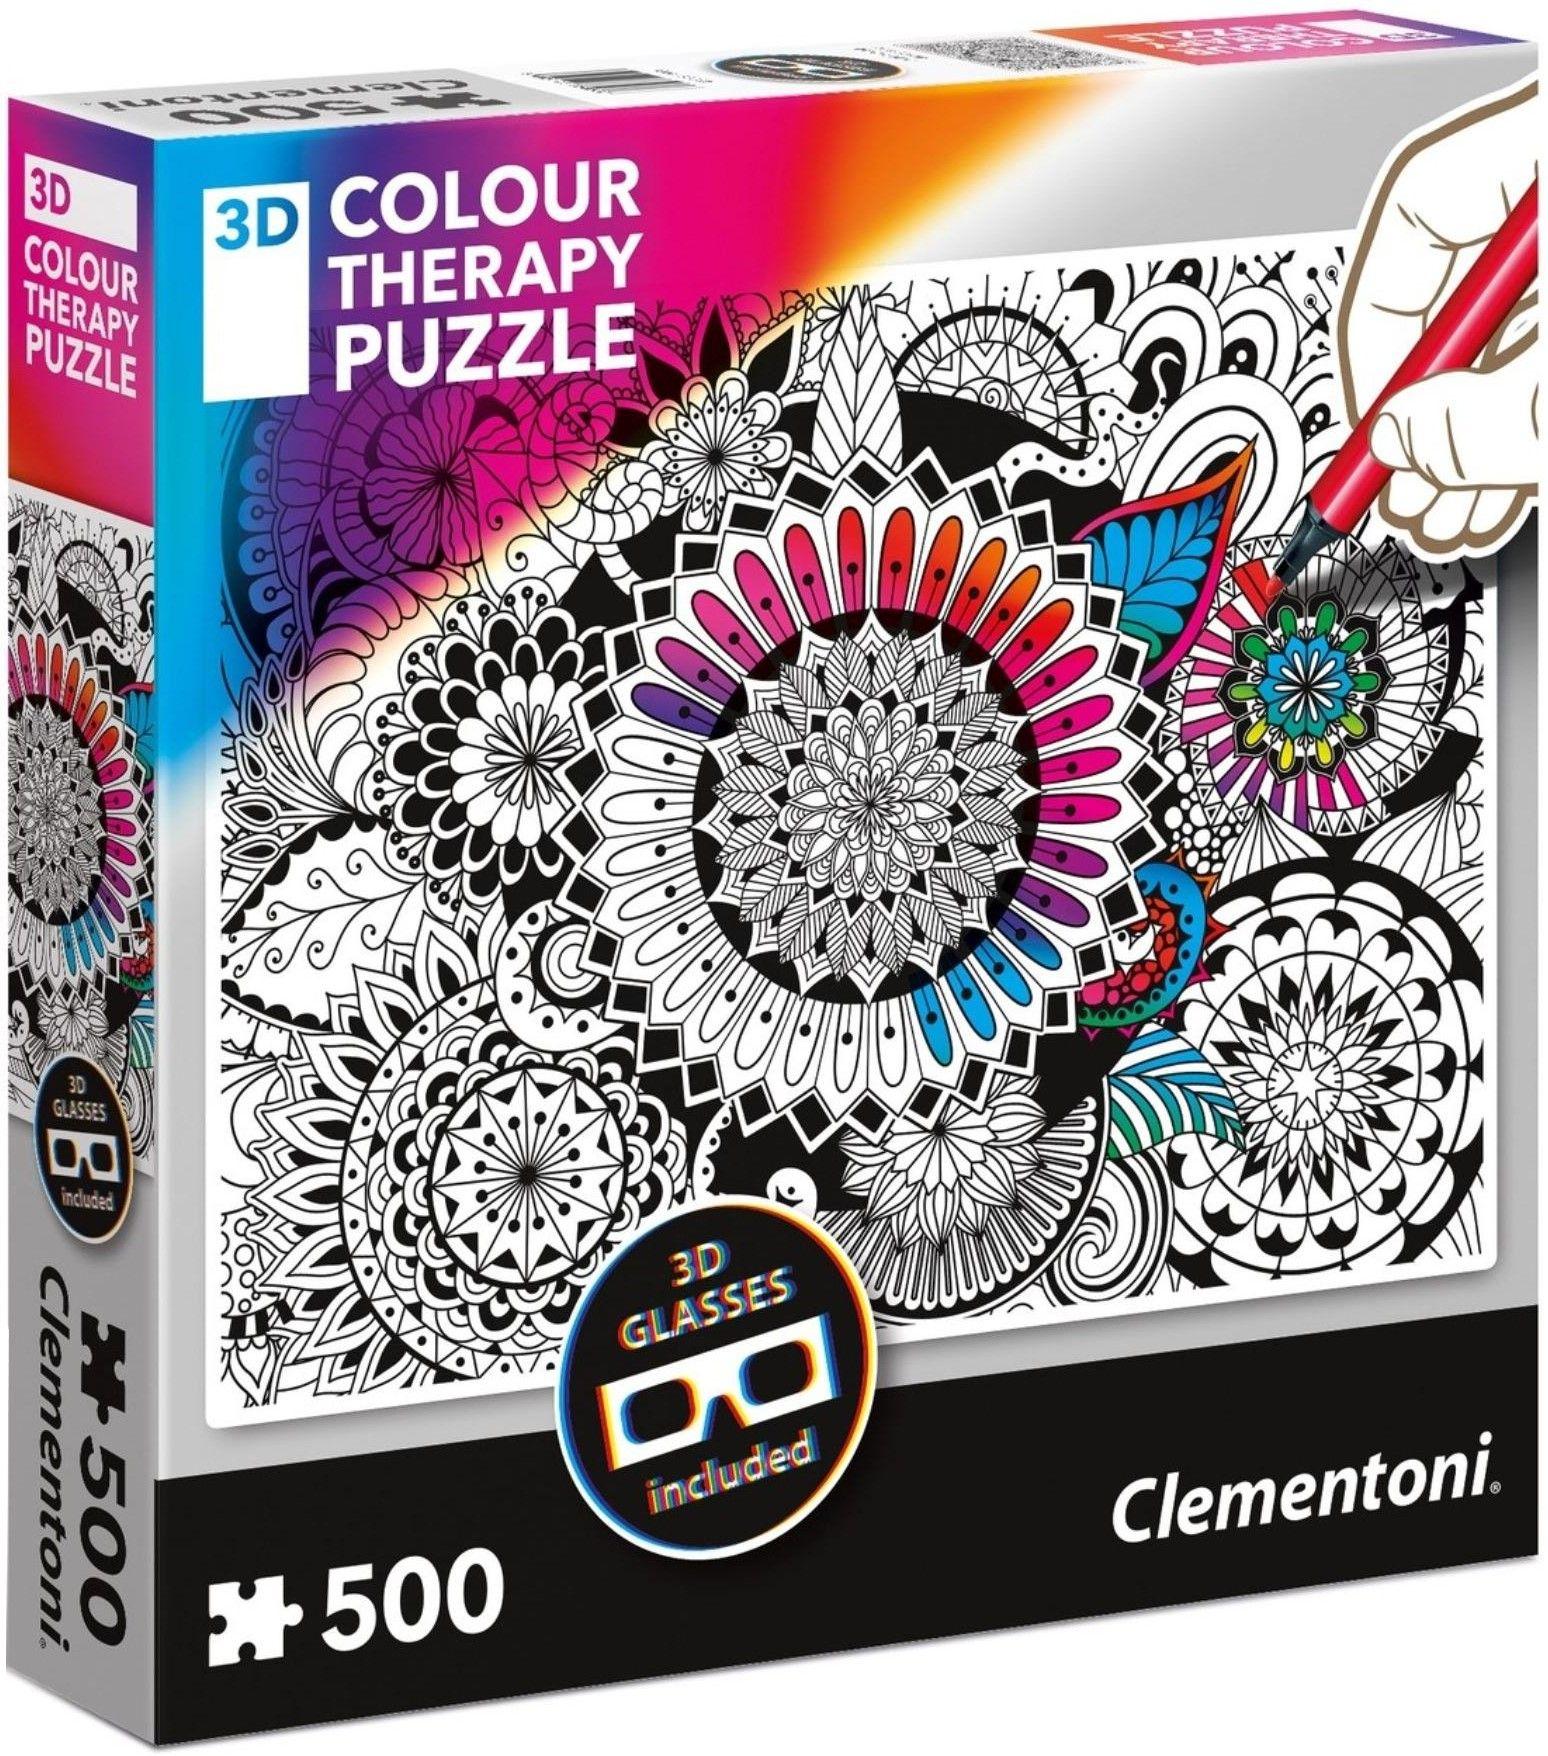 Пъзел за оцветяване Clementoni от 500 части - Мандала, с 3D очила - 1